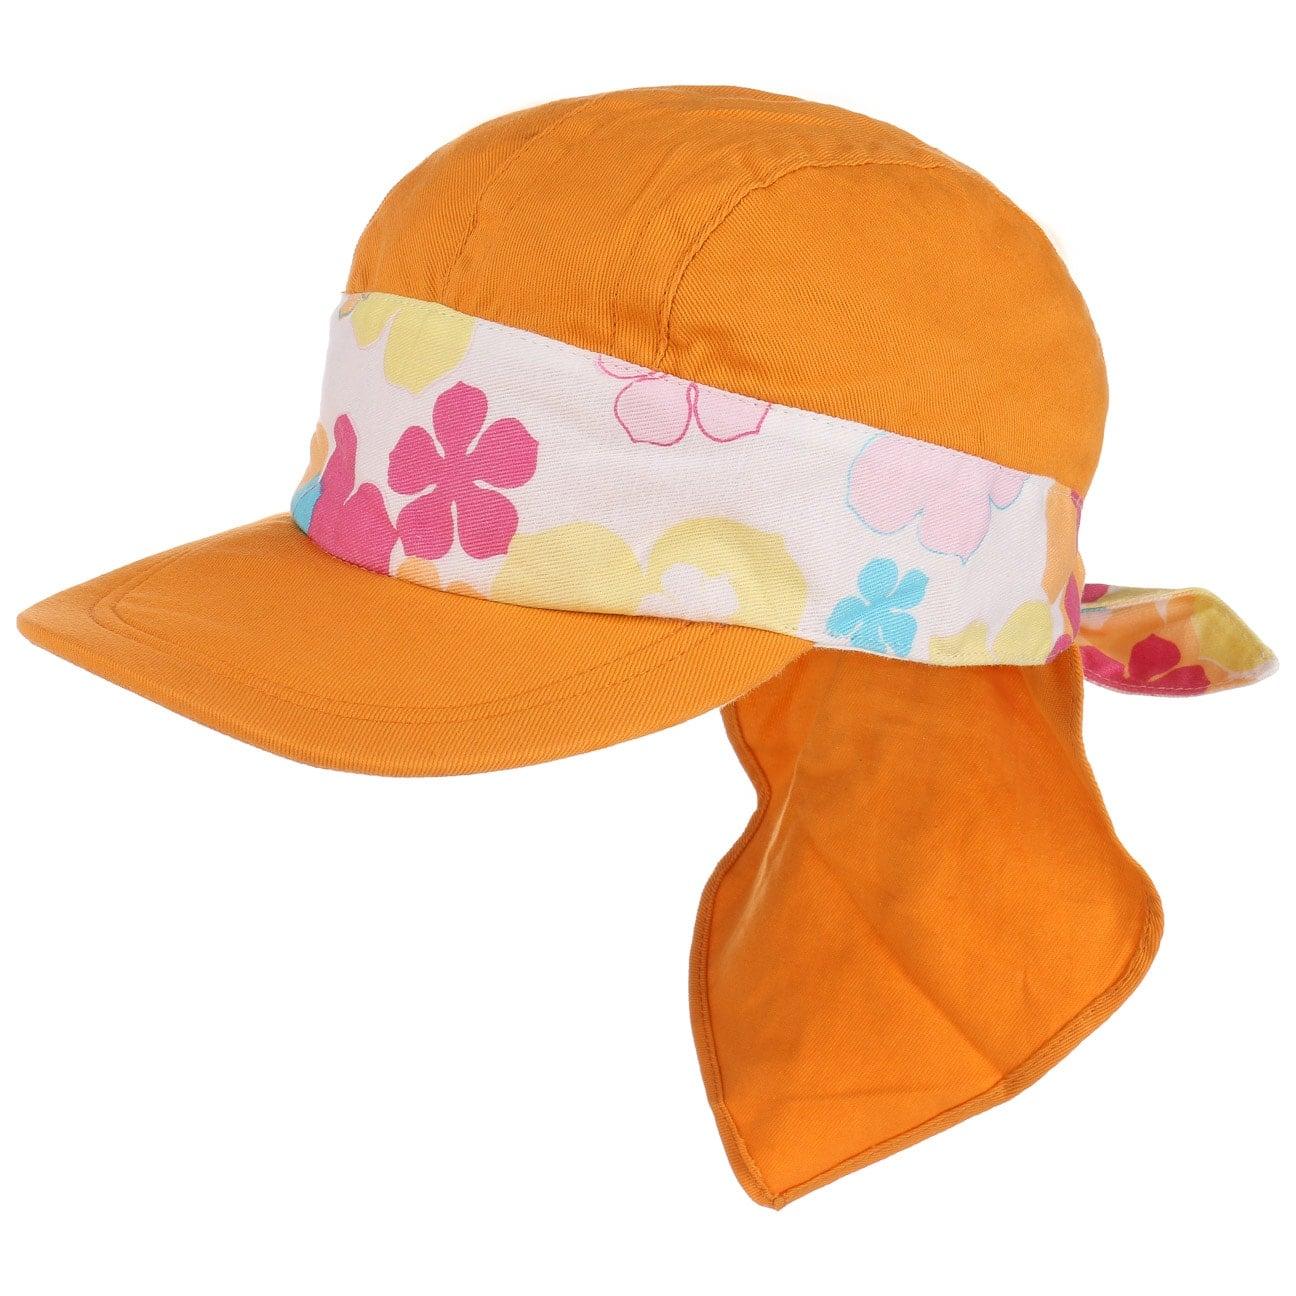 Gorra de Ni?o con Cubrenuca  gorra de verano